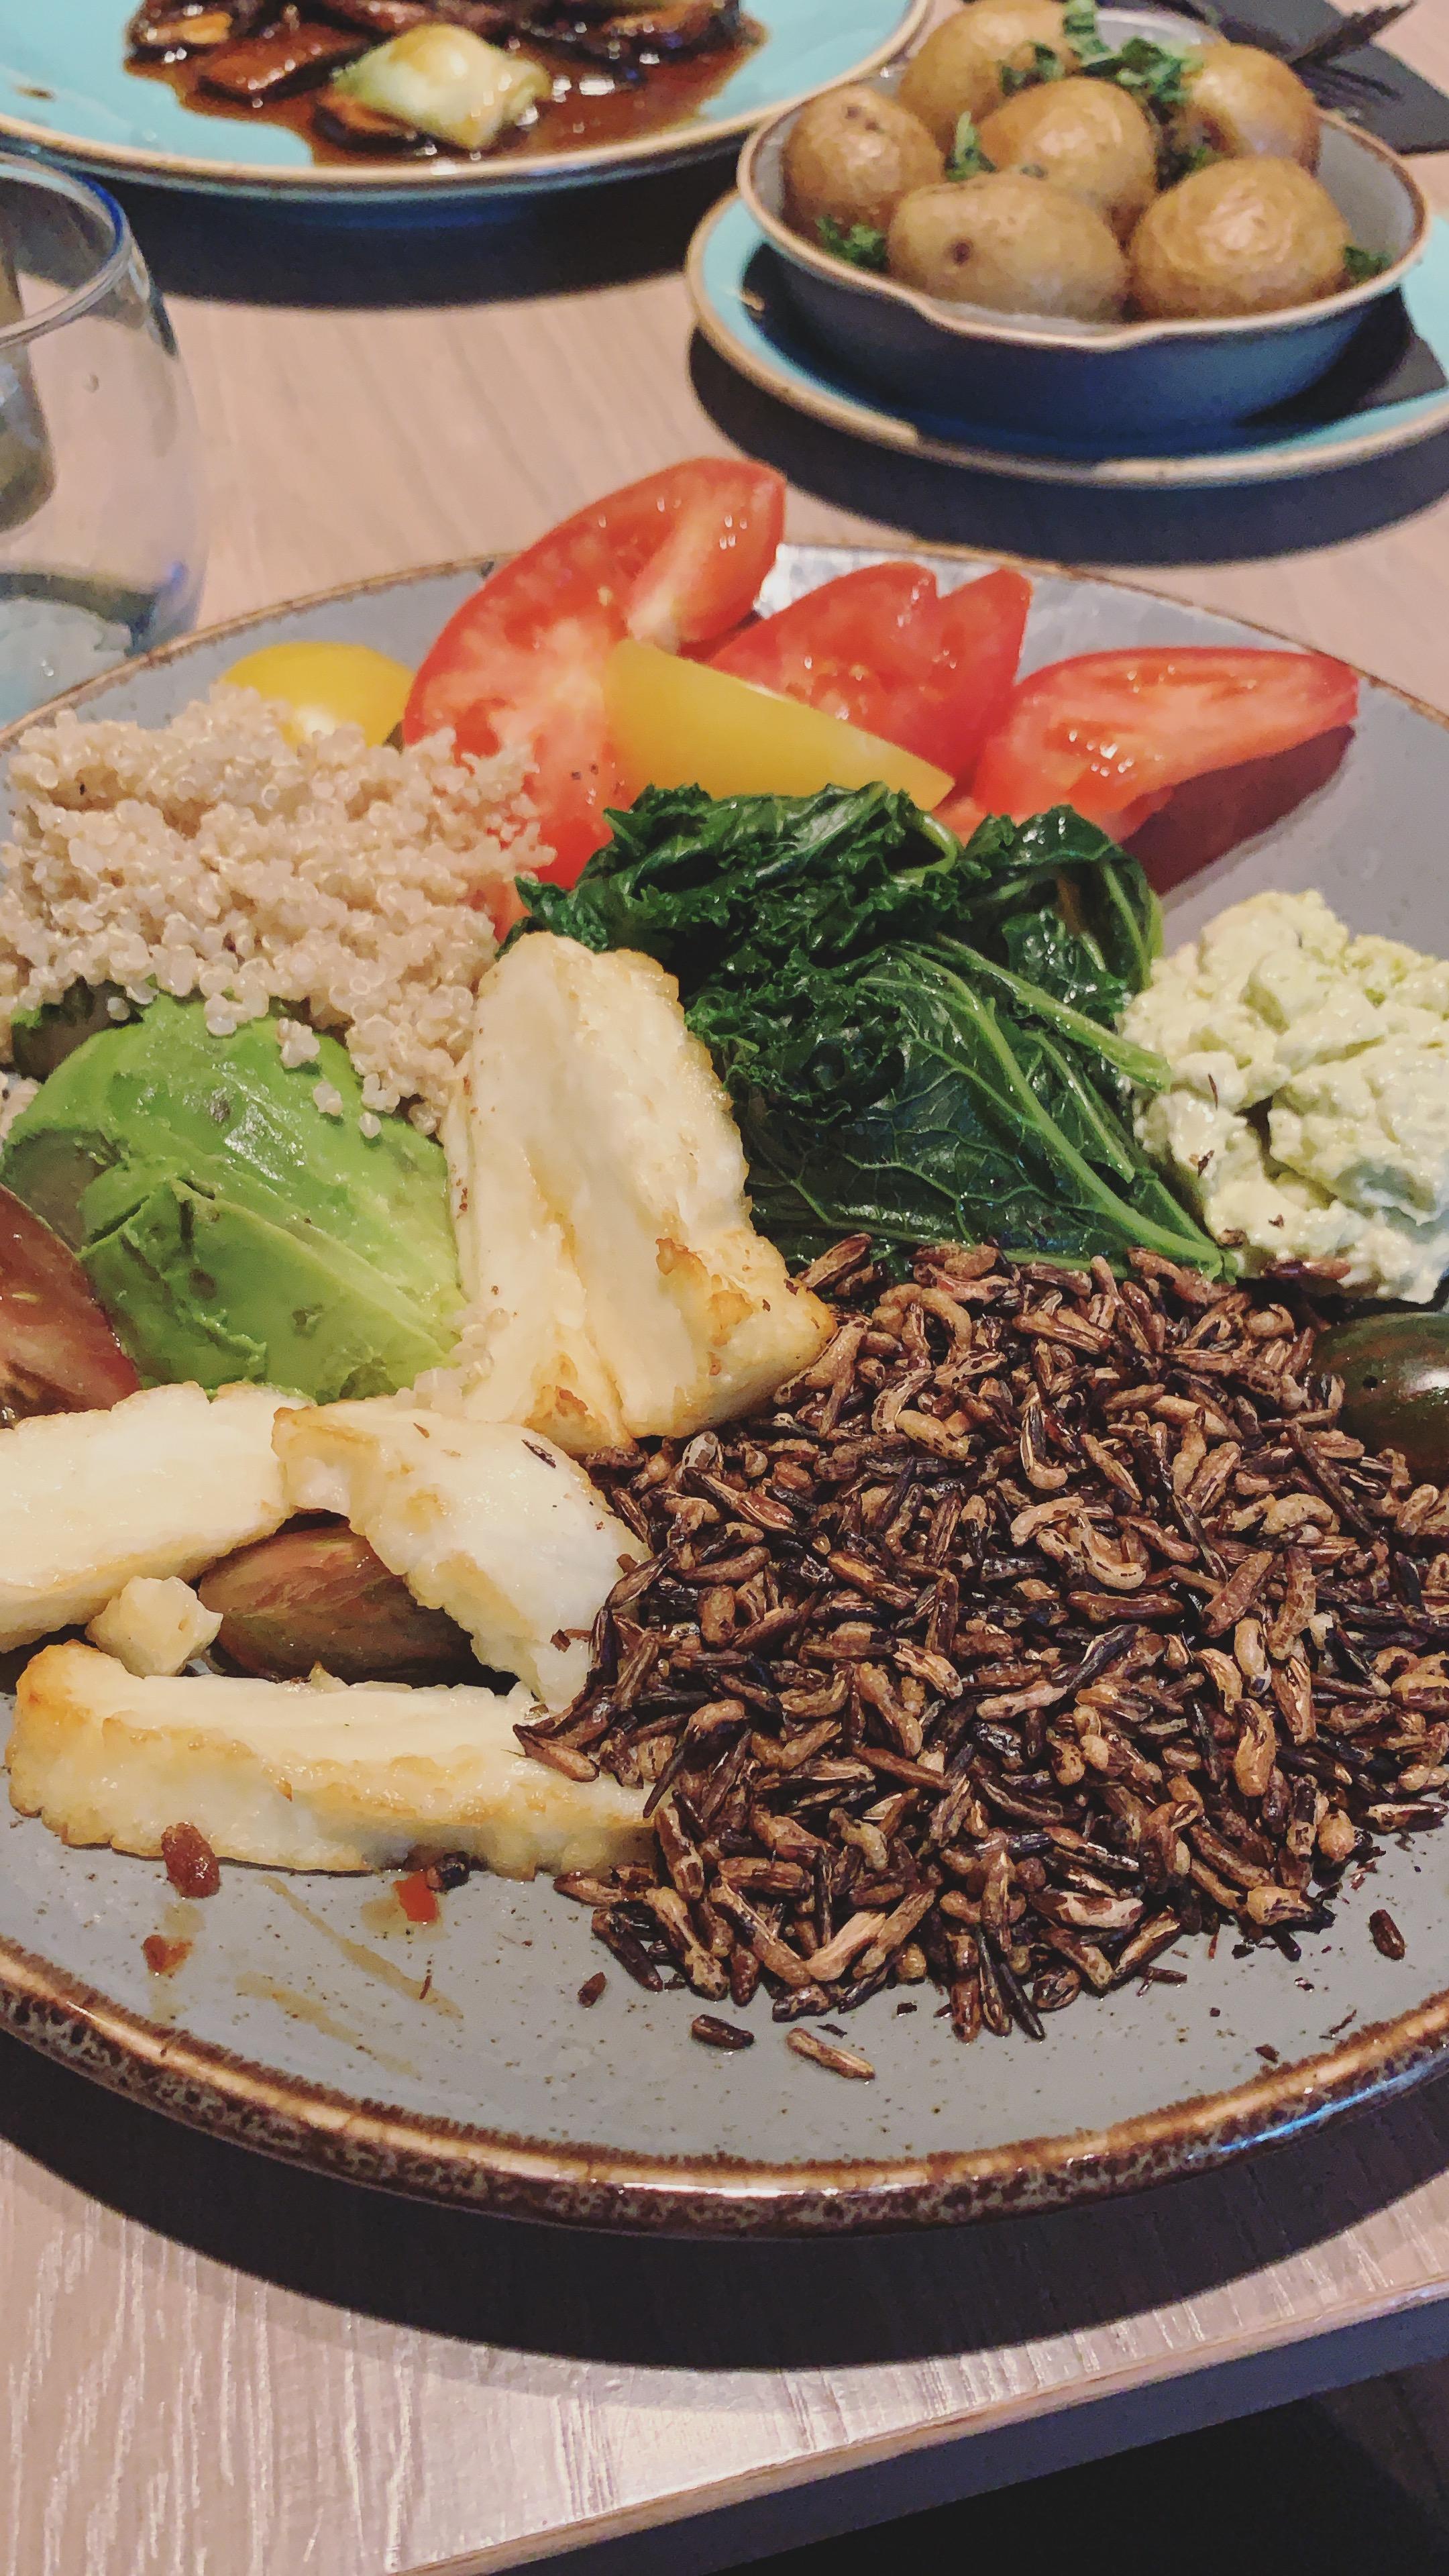 Dejar de comer carne es mejor para la salud y para el medio ambiente